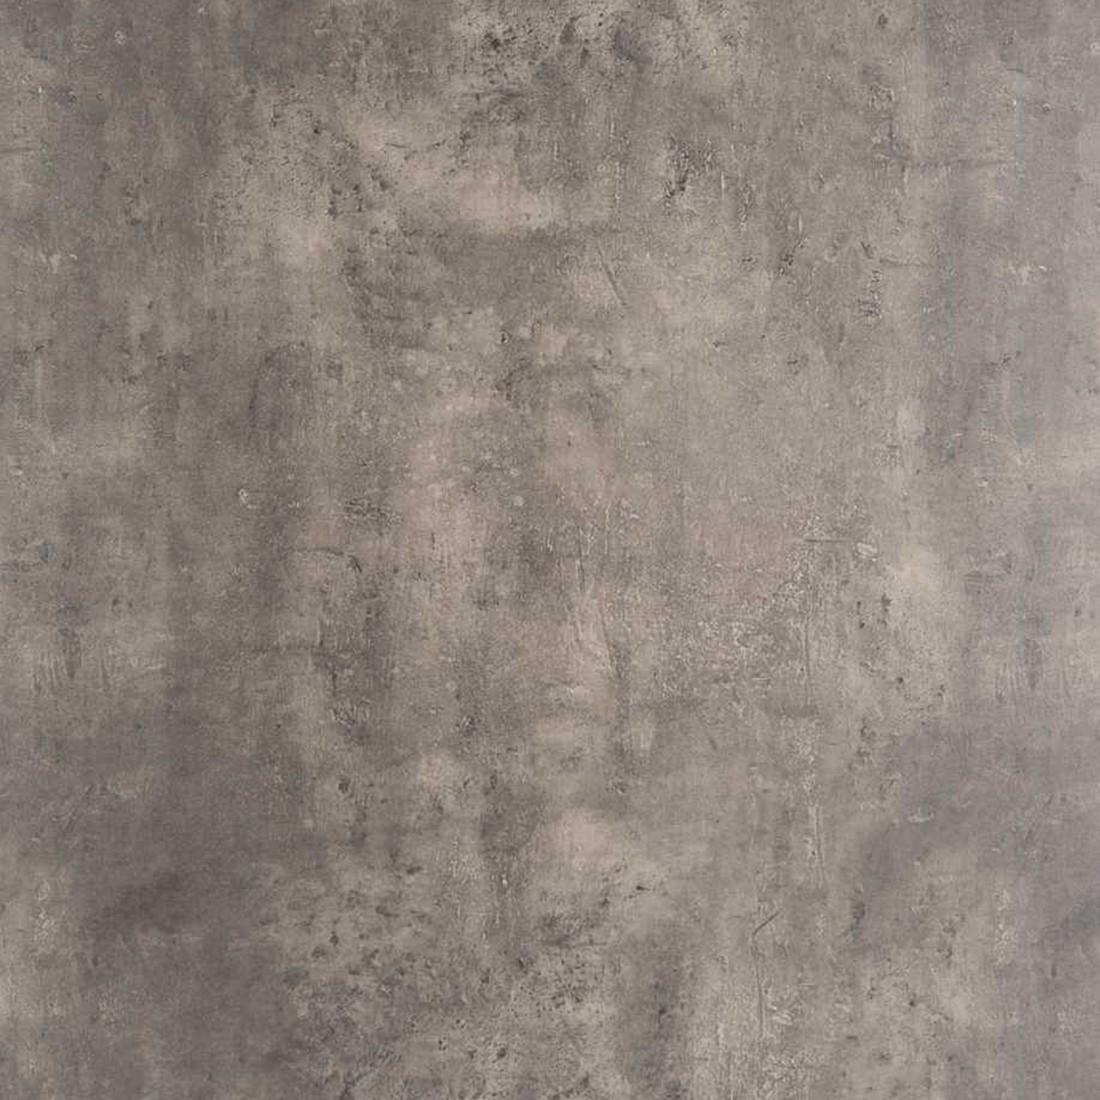 Full Size of Stern Jubi Loungeecke 5 Teilig Geflecht Mit Beistelltisch Wohnzimmer Stern Jubi Loungeecke 5 Teilig Geflecht